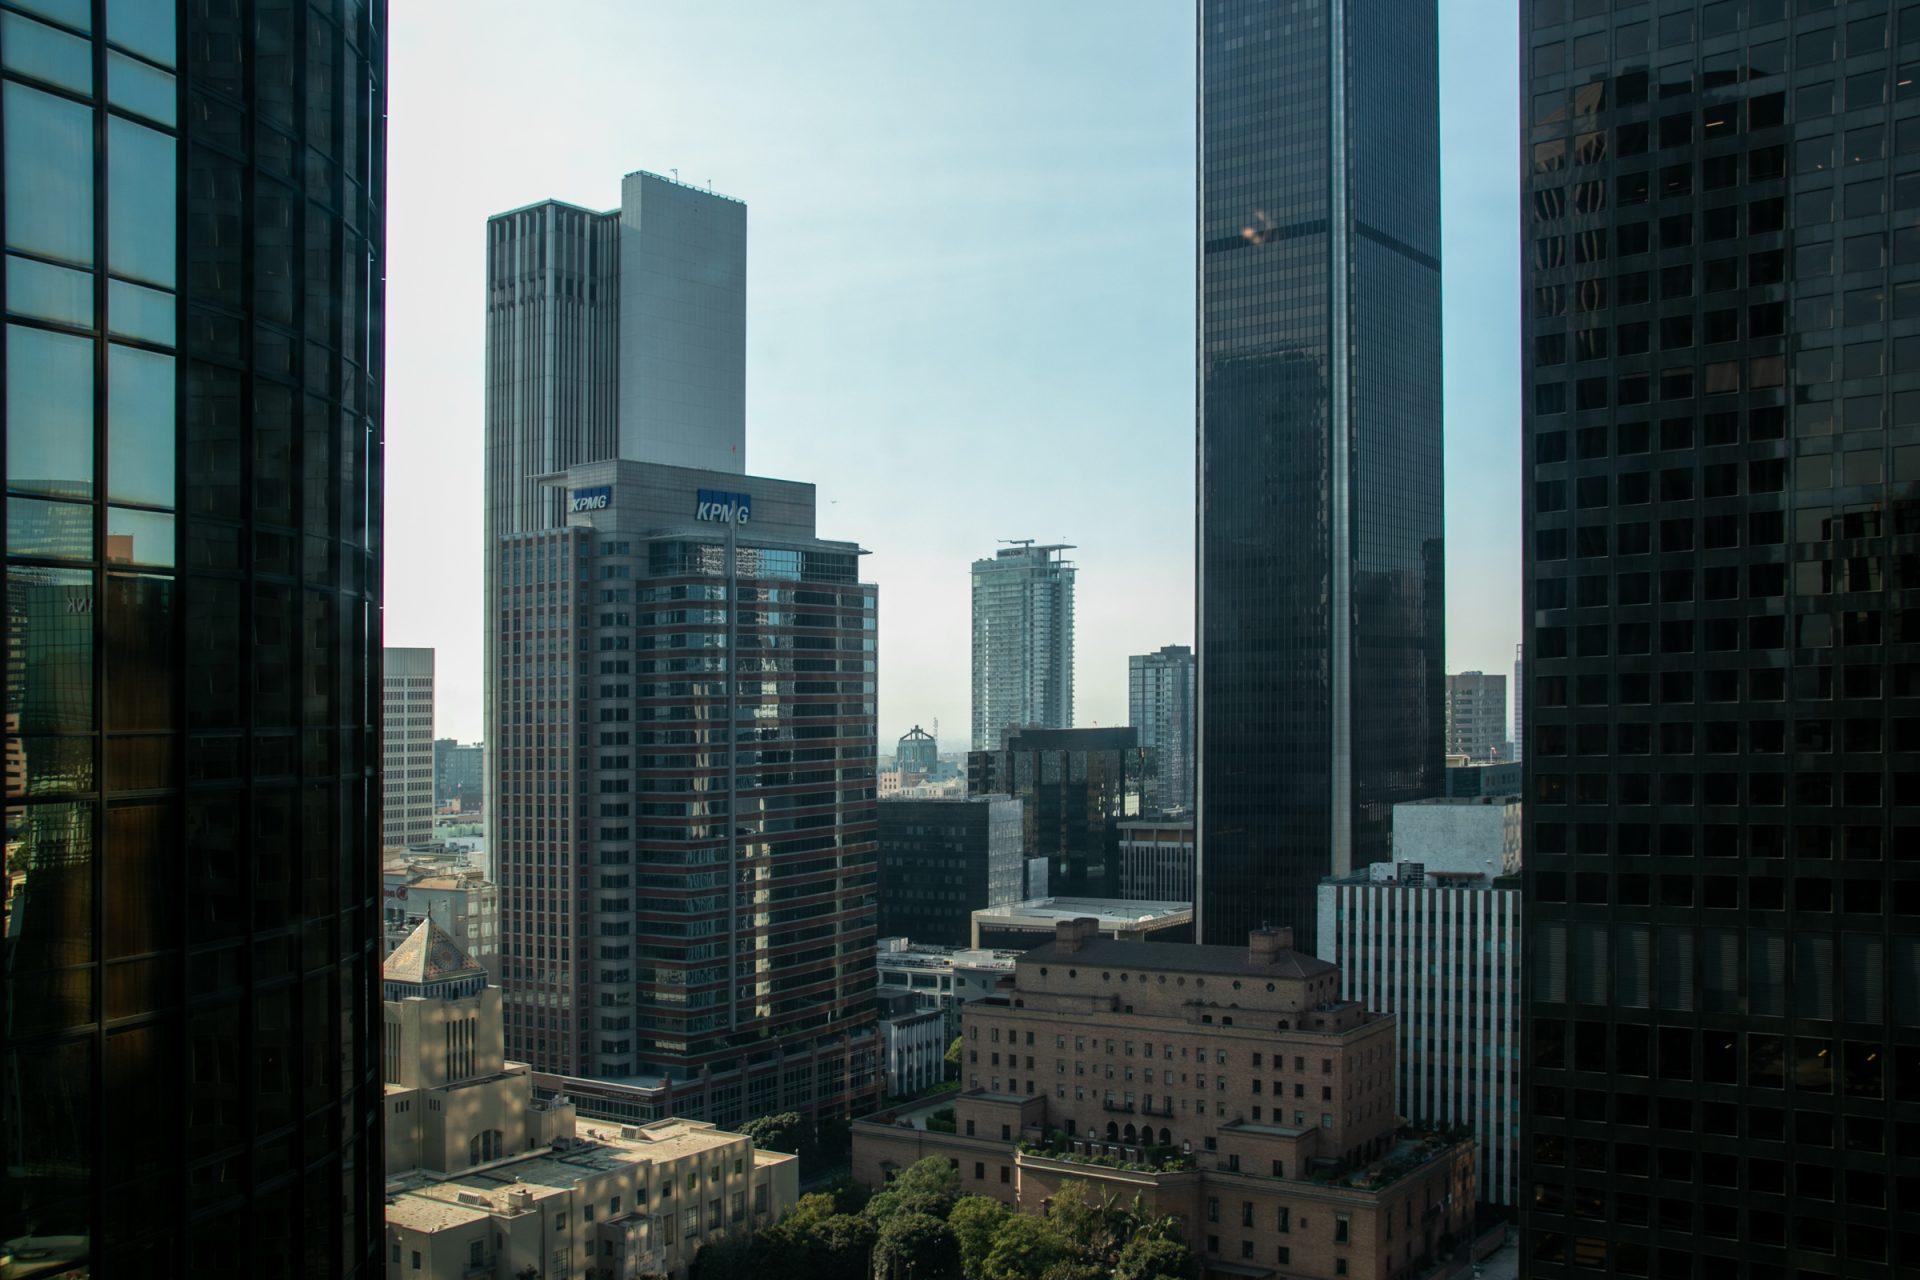 Tall City Buildings Against Sky